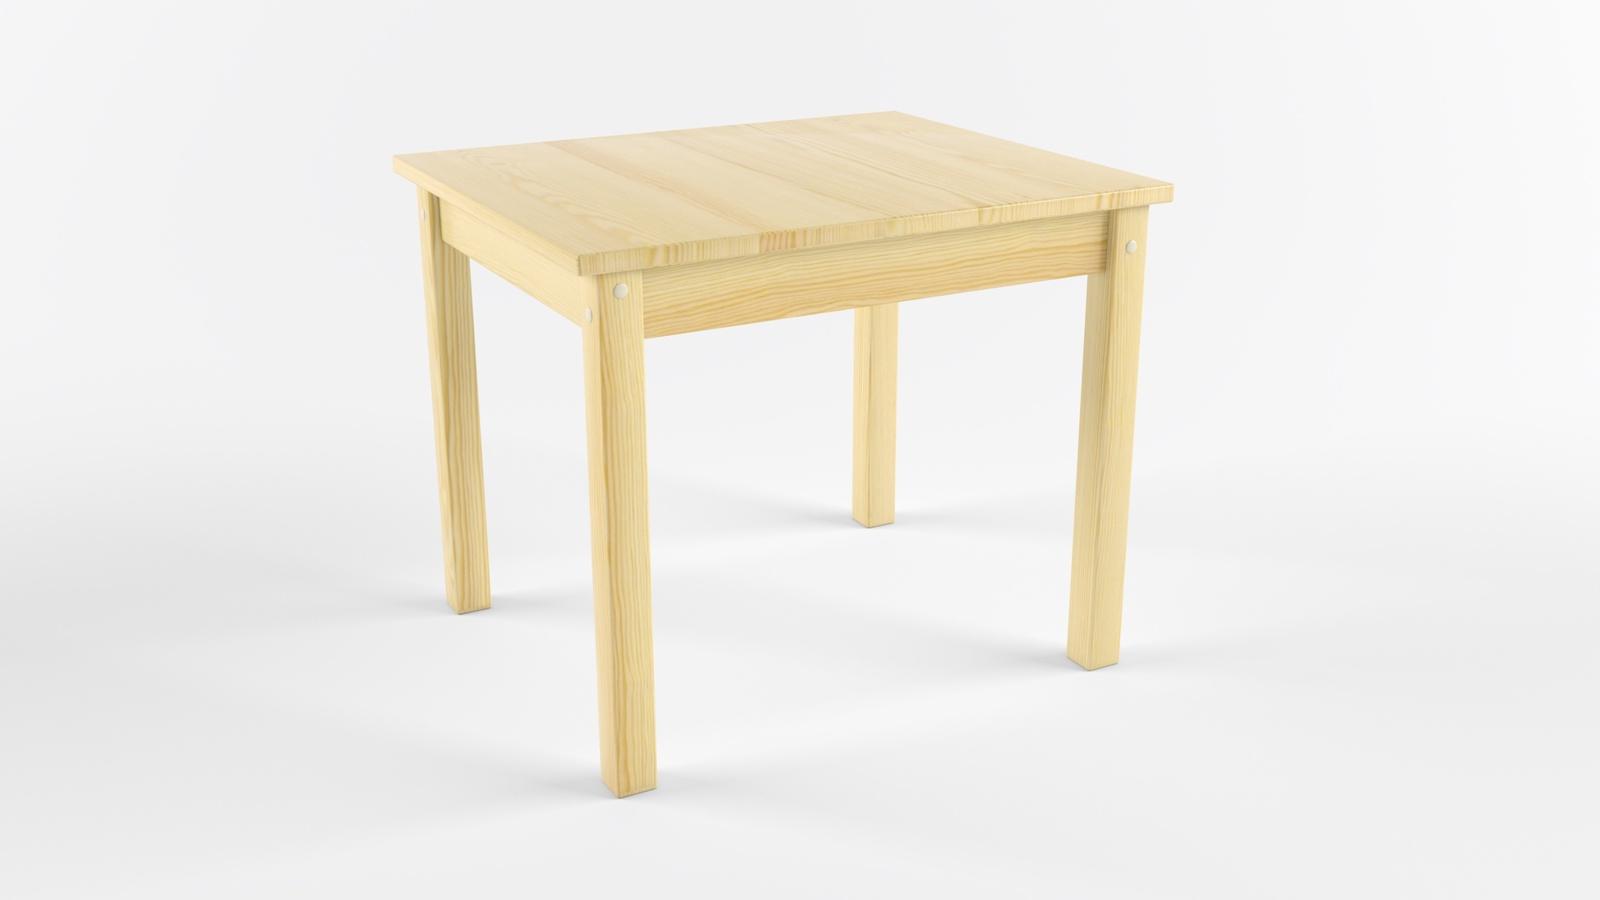 Детский стол Русские Игрушки Детский деревянный «Стол» сосна (не окрашен), светло-бежевый, светло-коричневый, белый